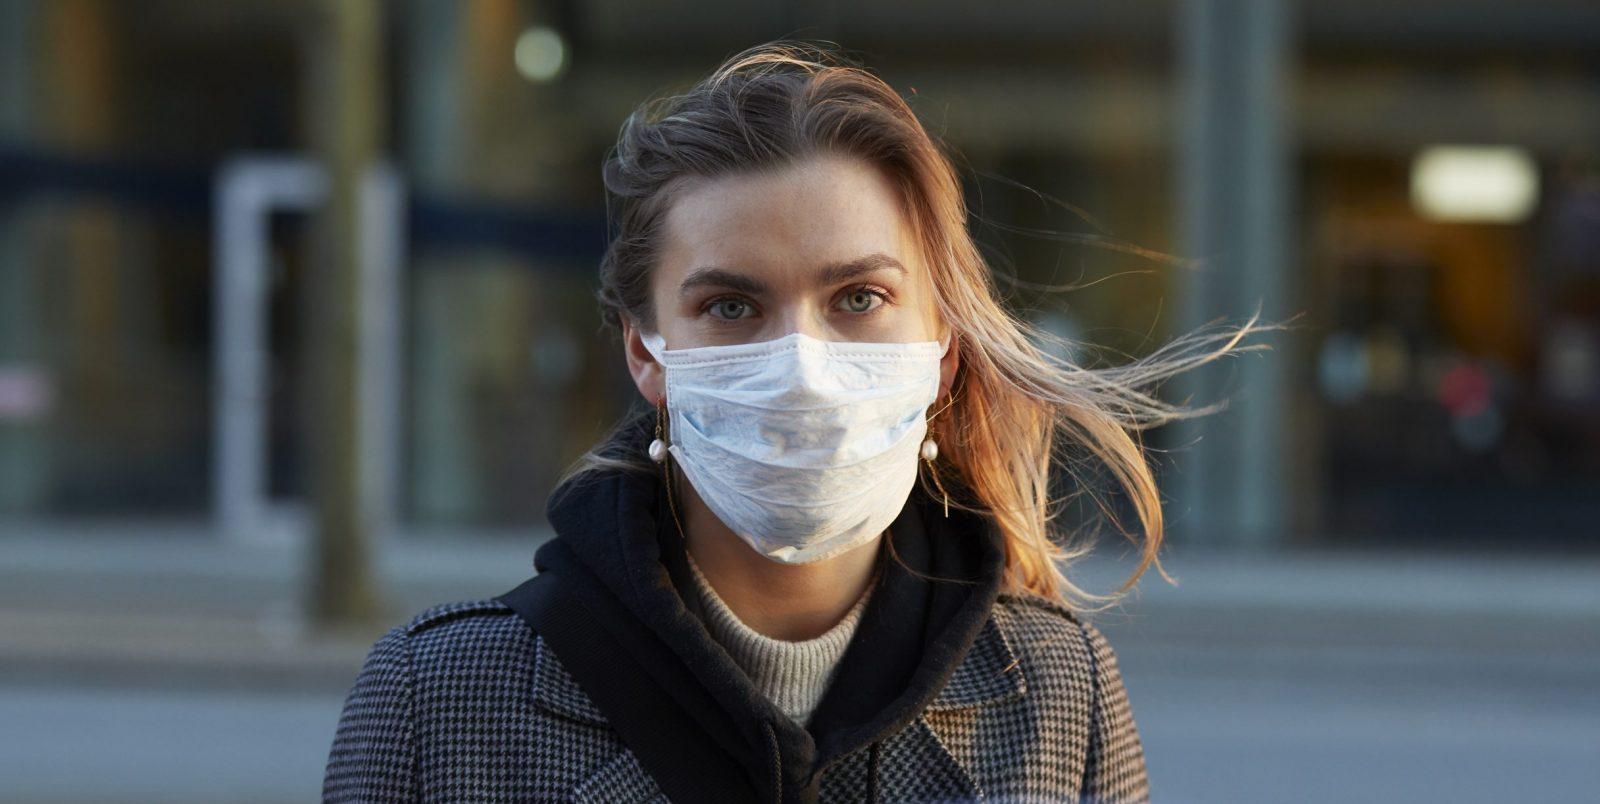 La pandemia ci ha resi la generazione dell'incertezza. Ora capite tutti come si vive da precari. - The Vision